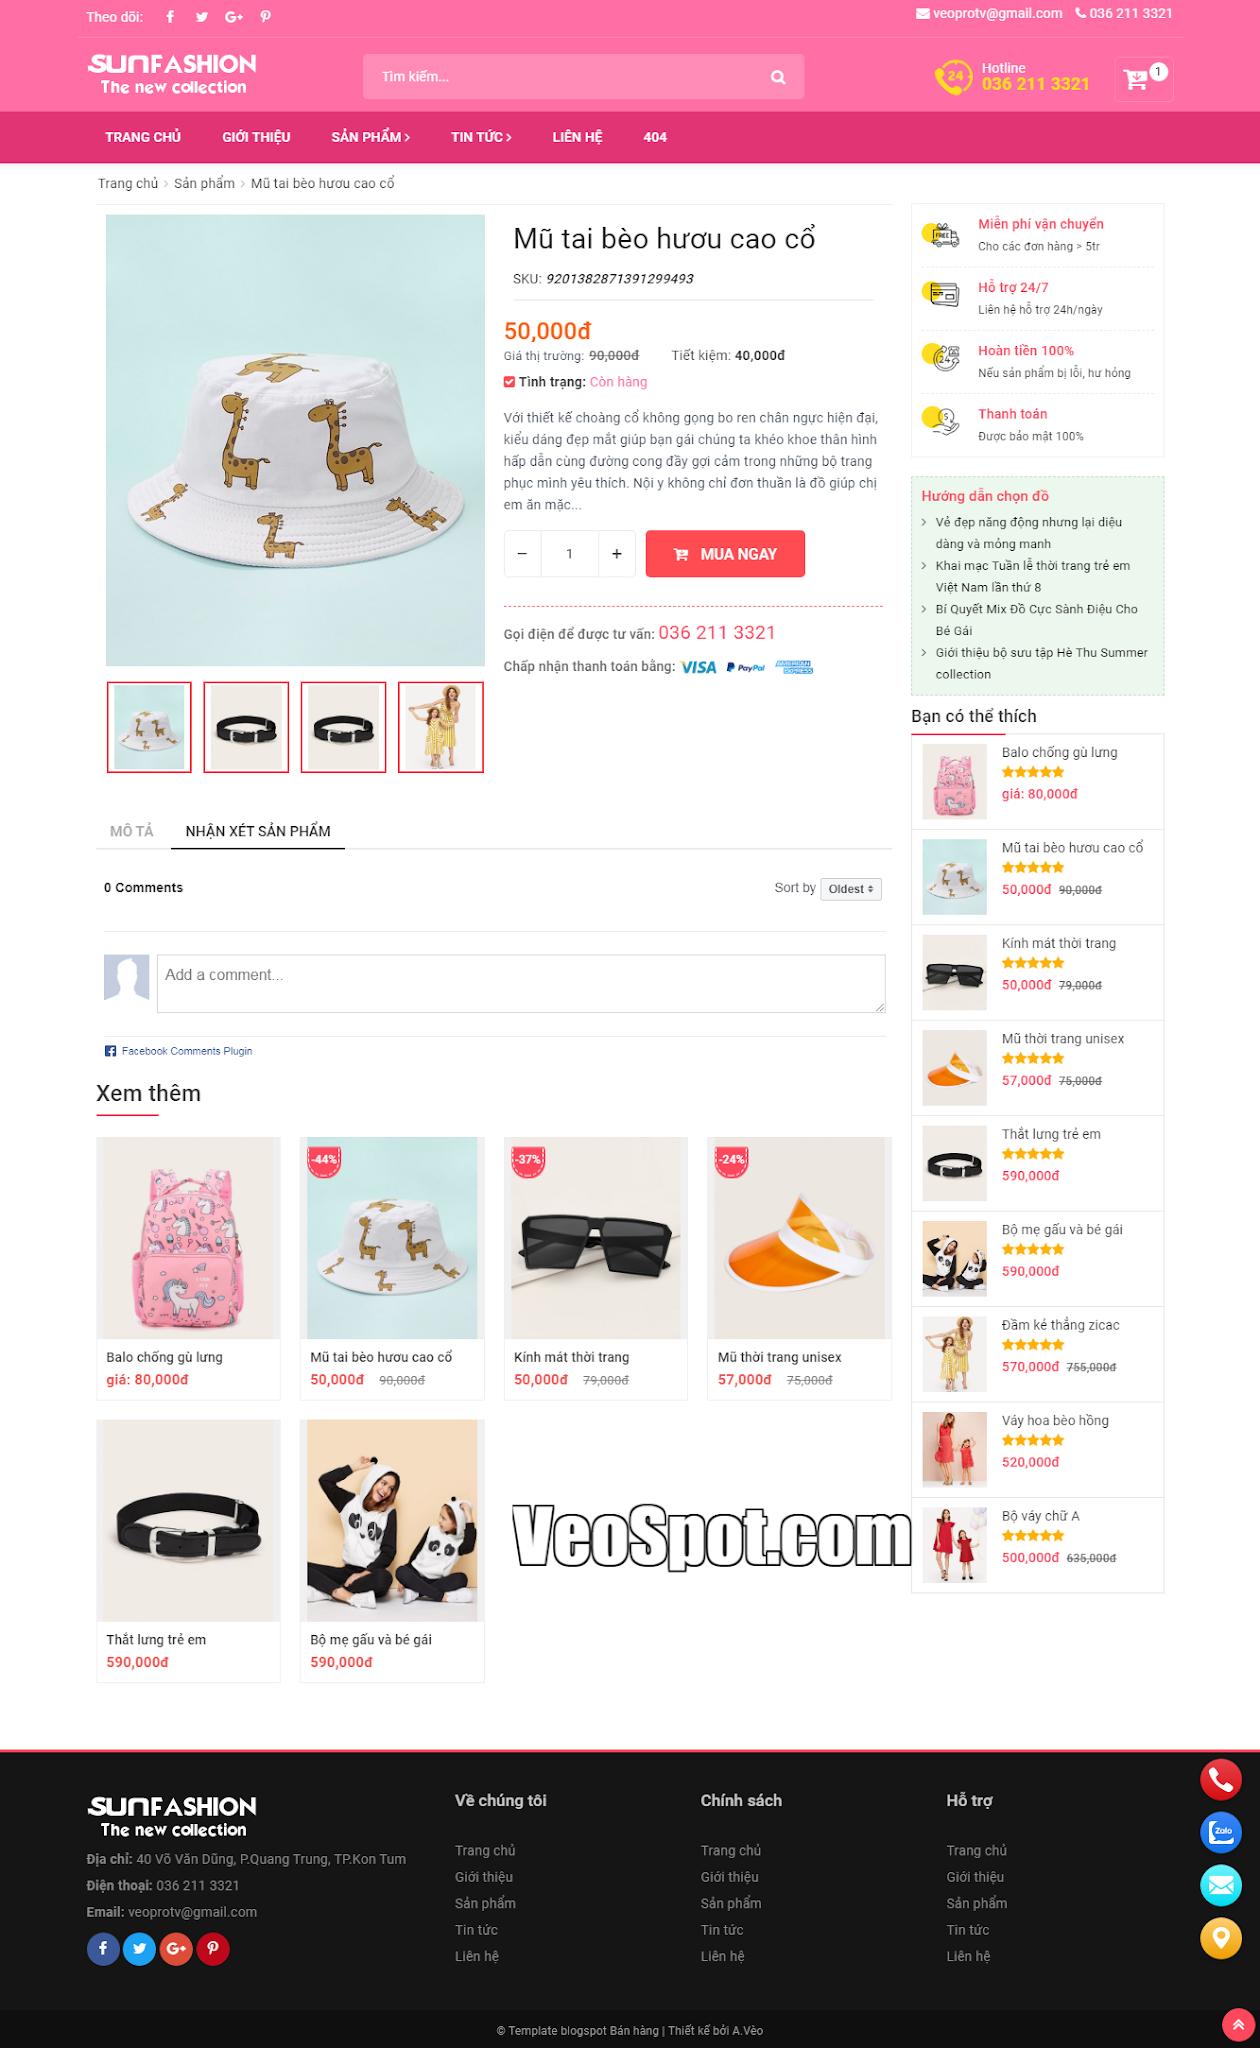 Template Blogspot SunFasun trang bài viết, comments Facebook